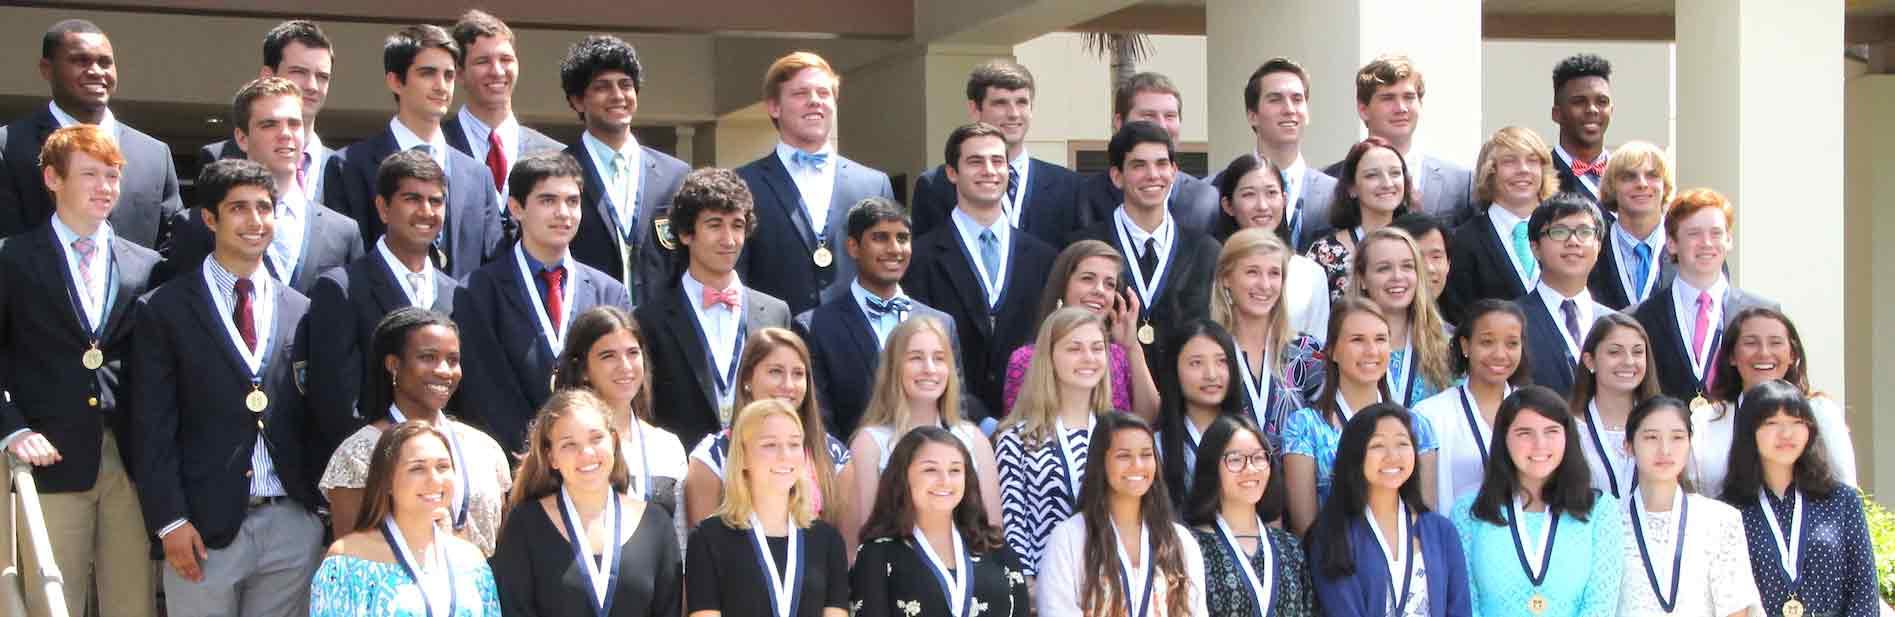 Học sinh quốc tế tốt nghiệp tại trường Trung học ở Florida, Mỹ